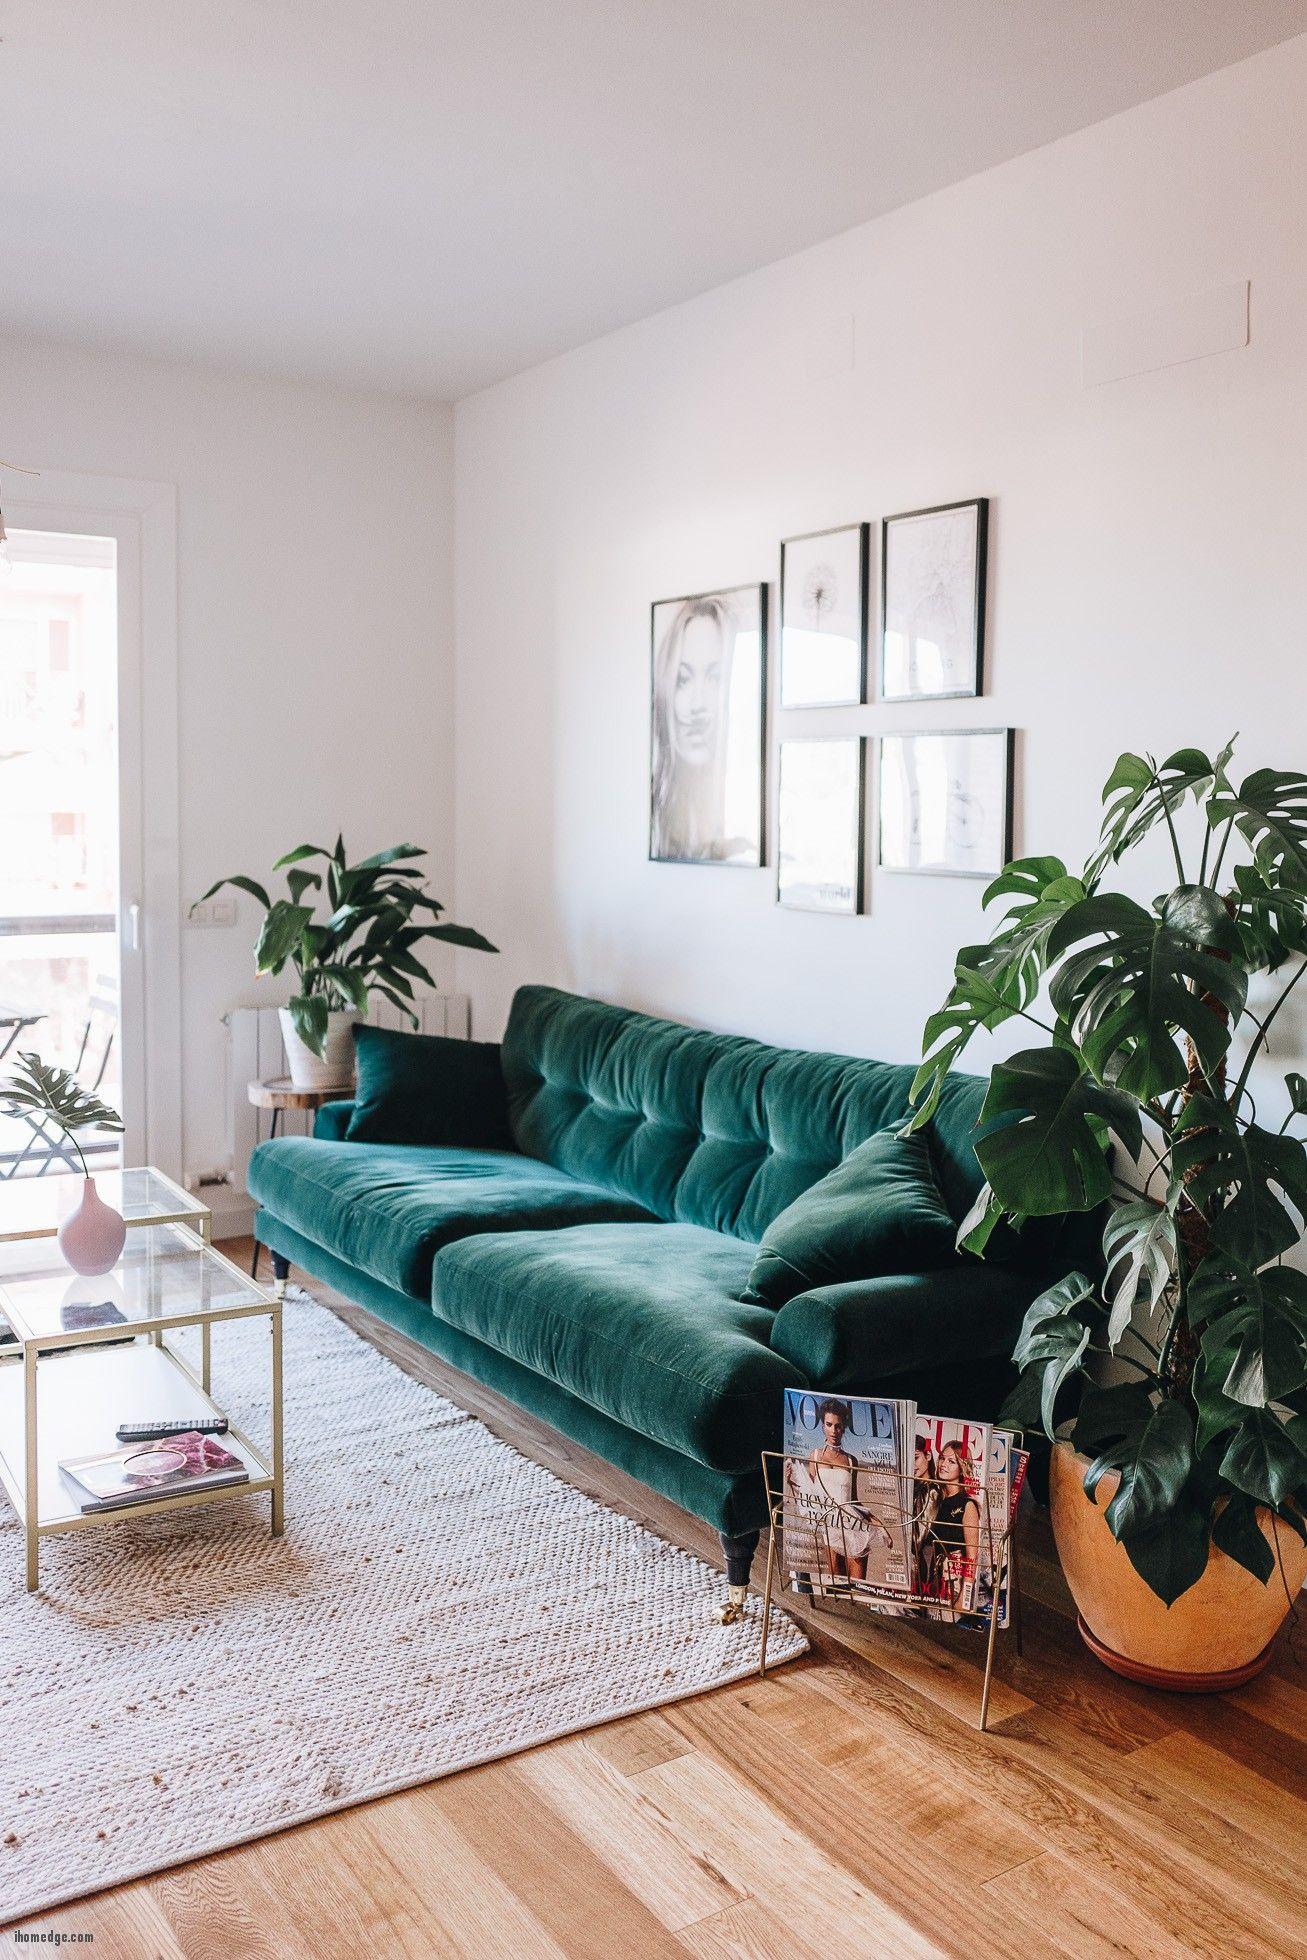 New Luxury Green Sofa , Green Velvet Sofa Plants , Http://ihomedge.com/green  Sofa/19305 Check More At Http://ihomedge.com/green Sofa/19305